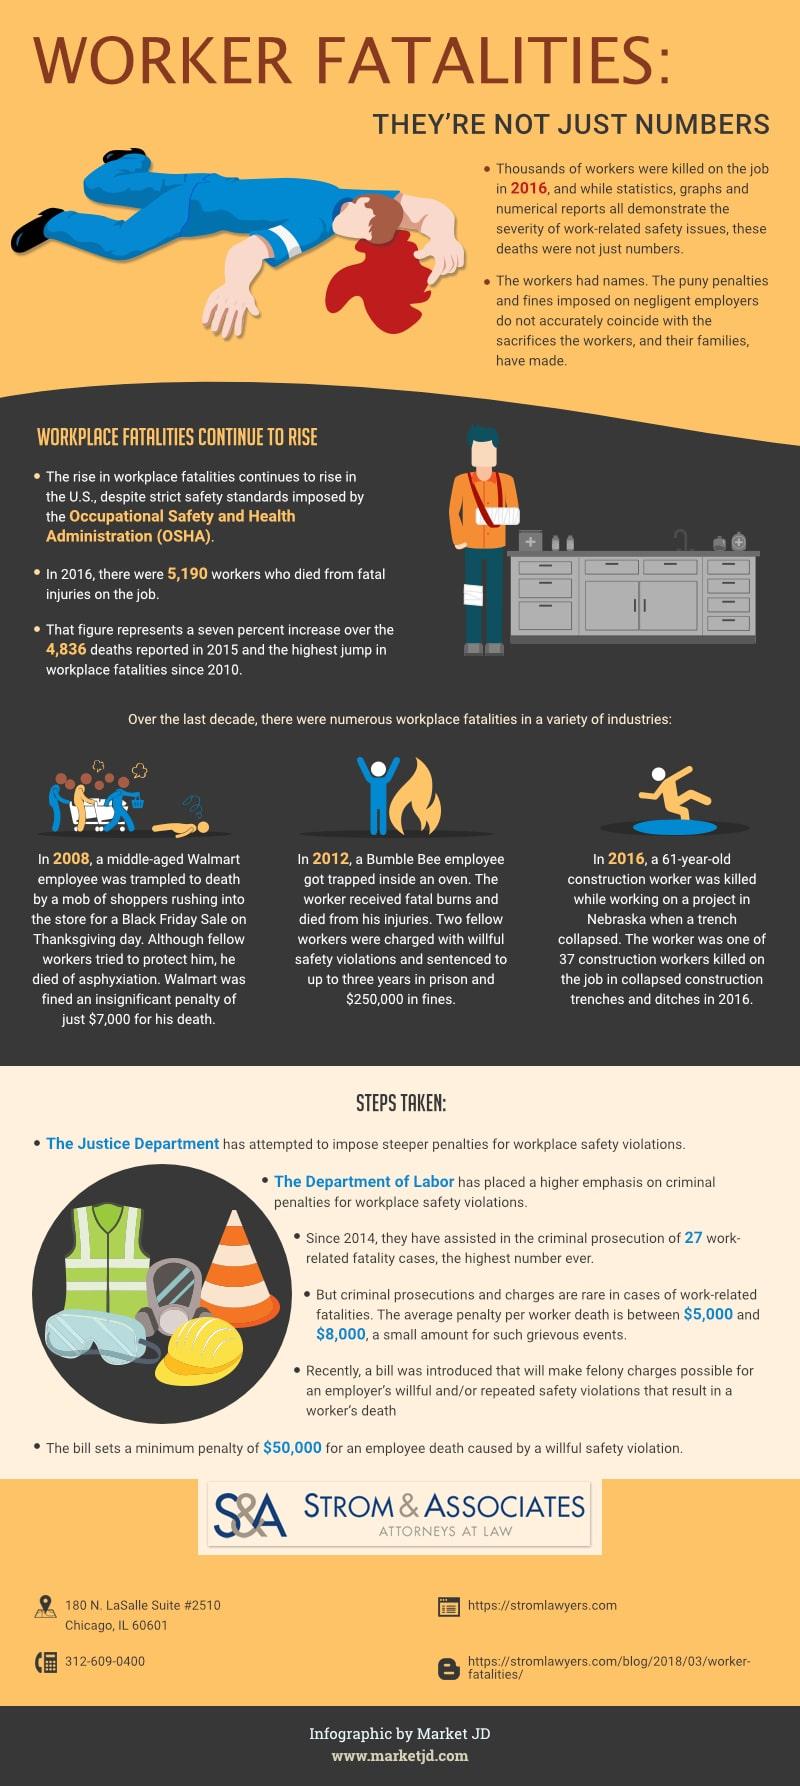 Worker fatalities infographic